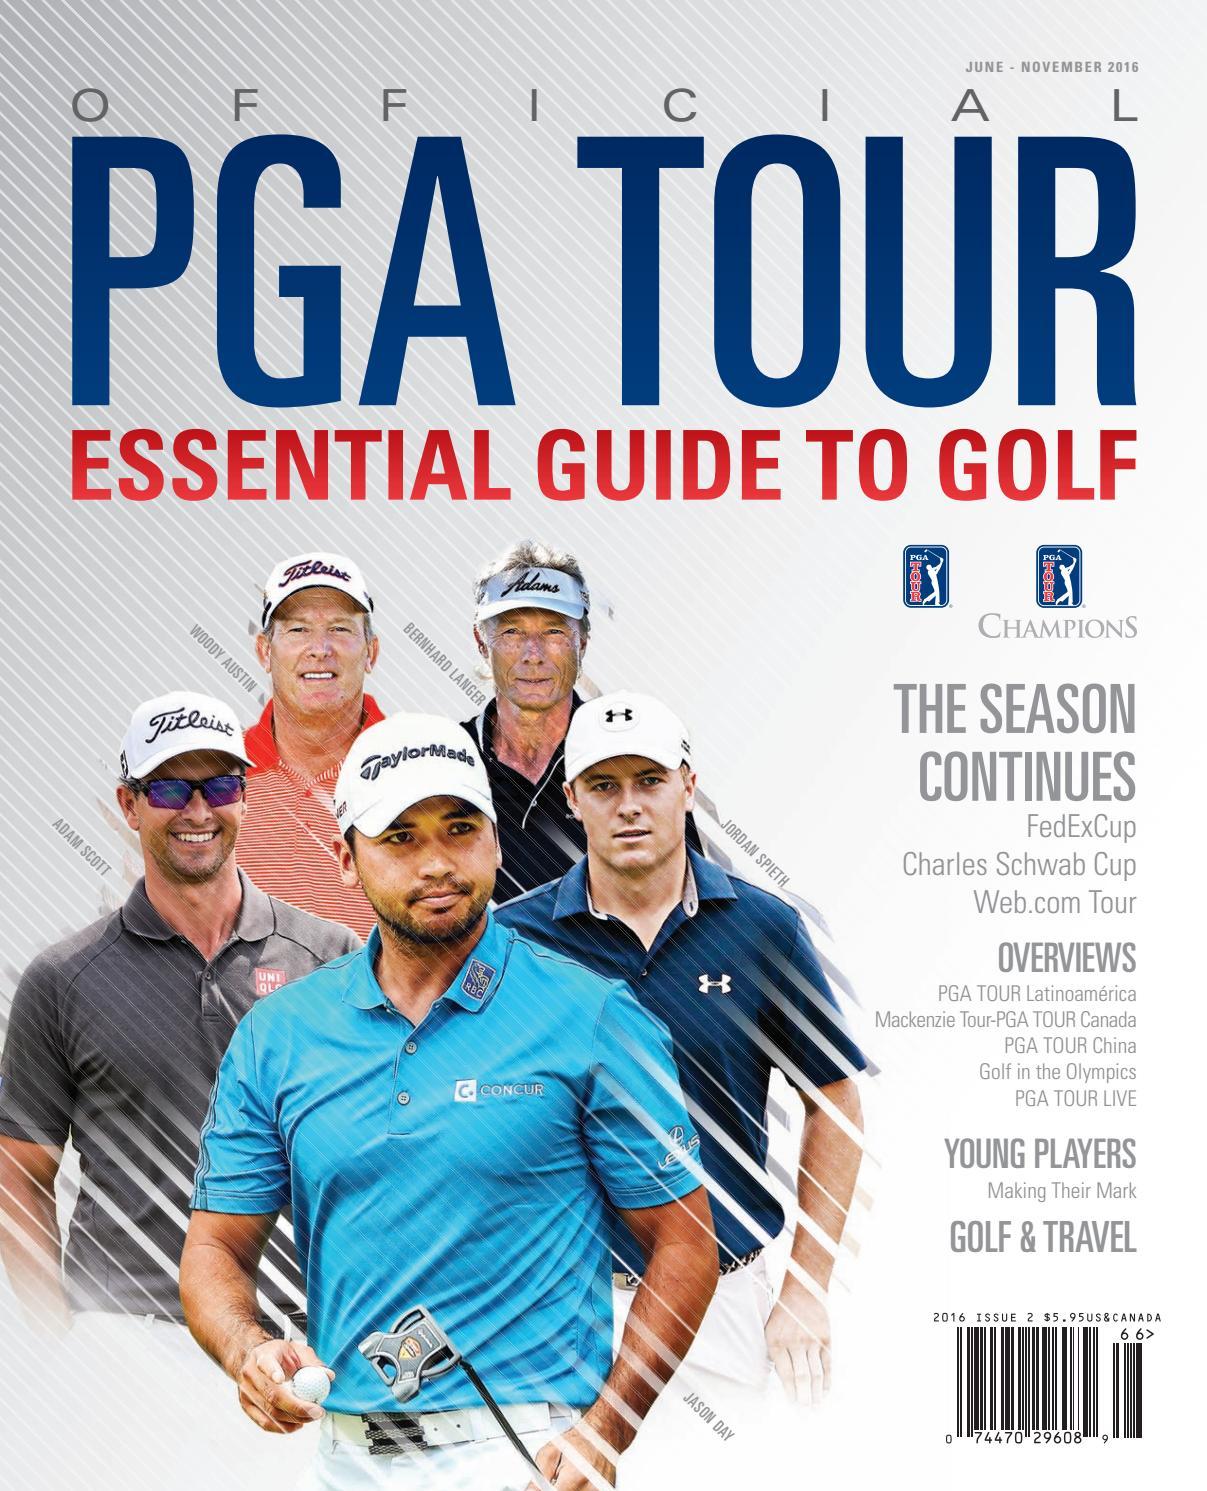 Pga Tour Essential Guide To Golf